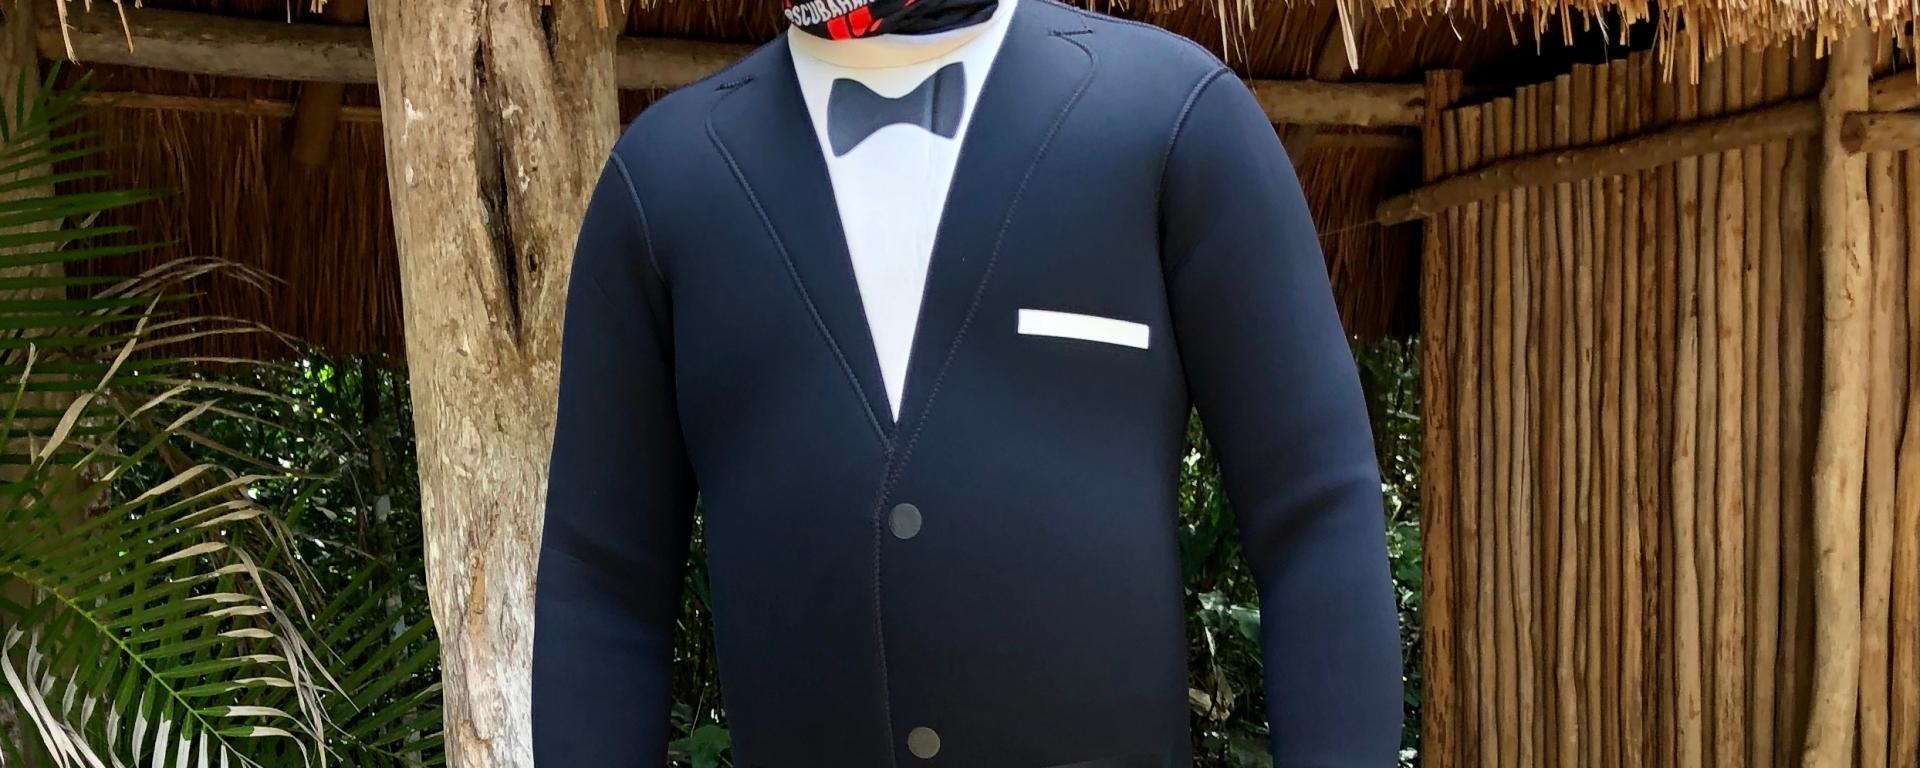 Diver in tuxedo wetsuit